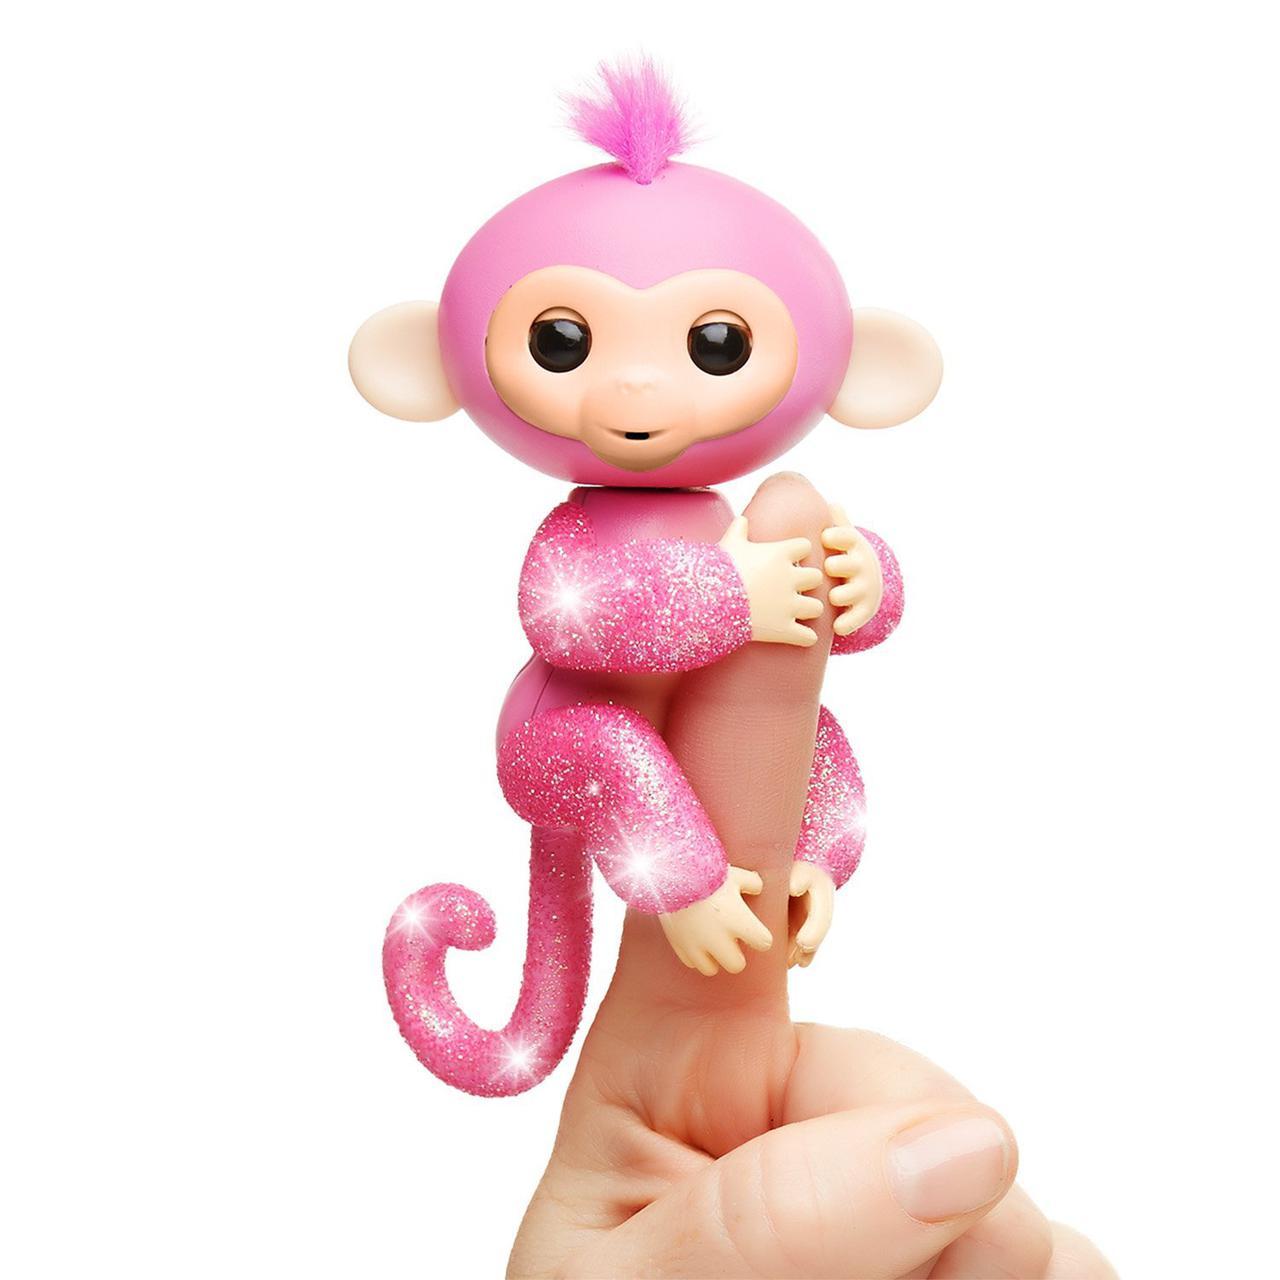 Интерактивная блестящая обезьянка, WowWee Fingerlings Glitter Monkey Rose Оригинал из США